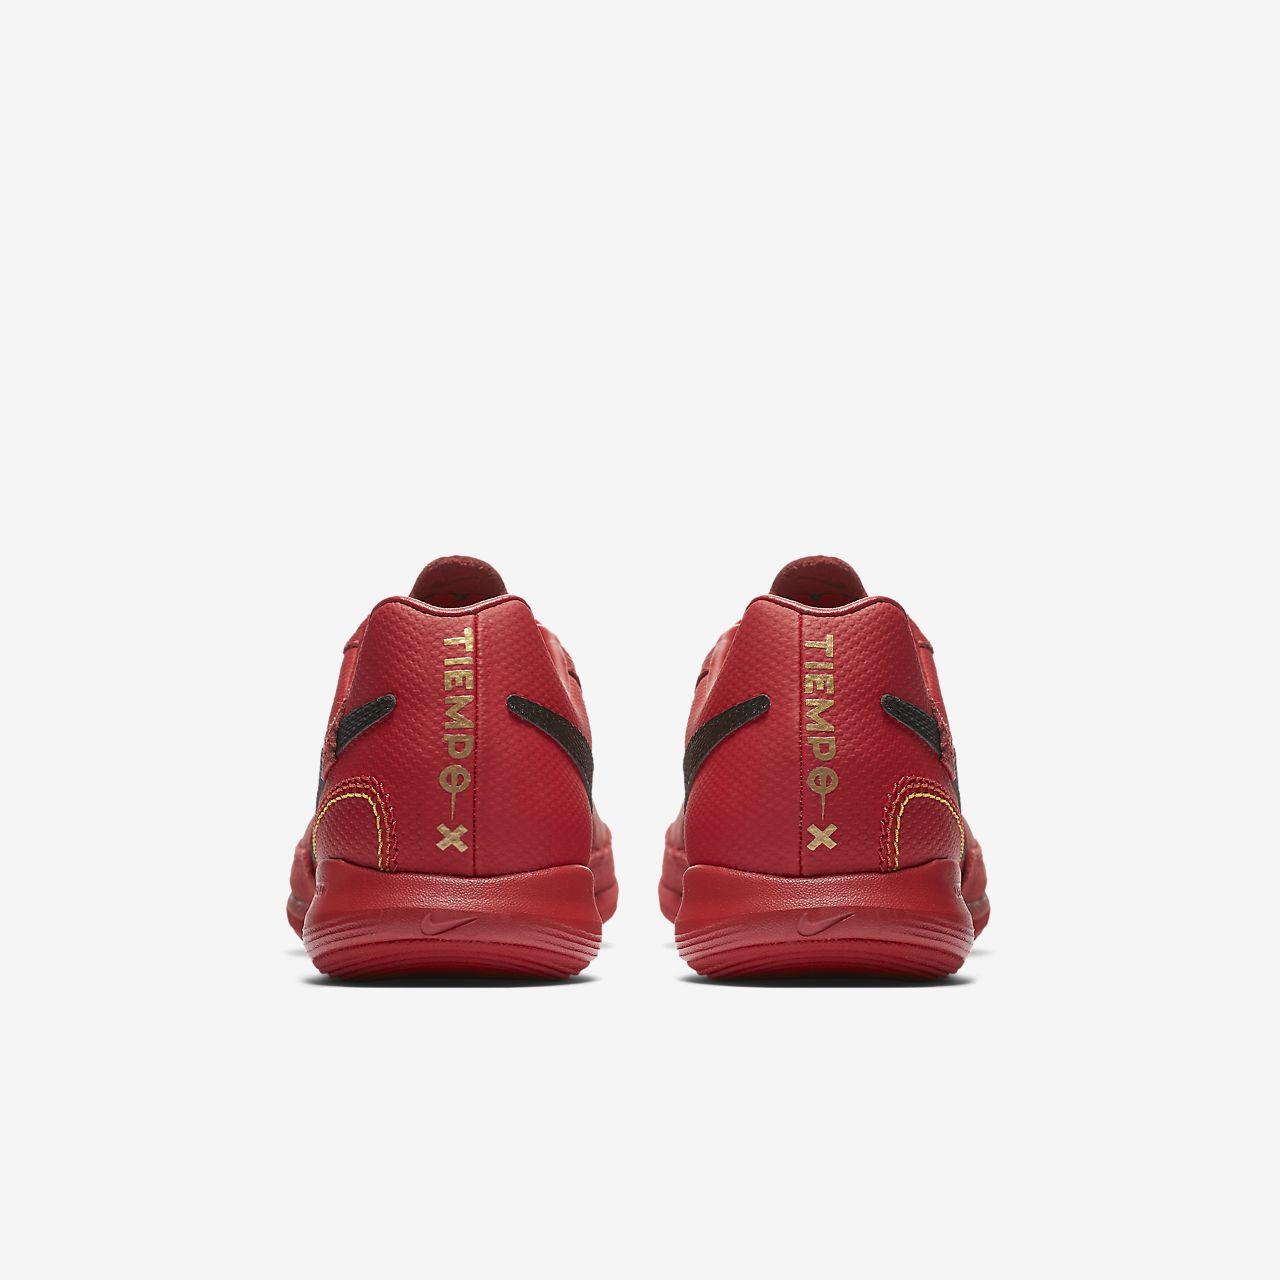 Nike TiempoX Lunar Legend VII Pro 10R Fußballschuh für Hallen- und Hartplätze